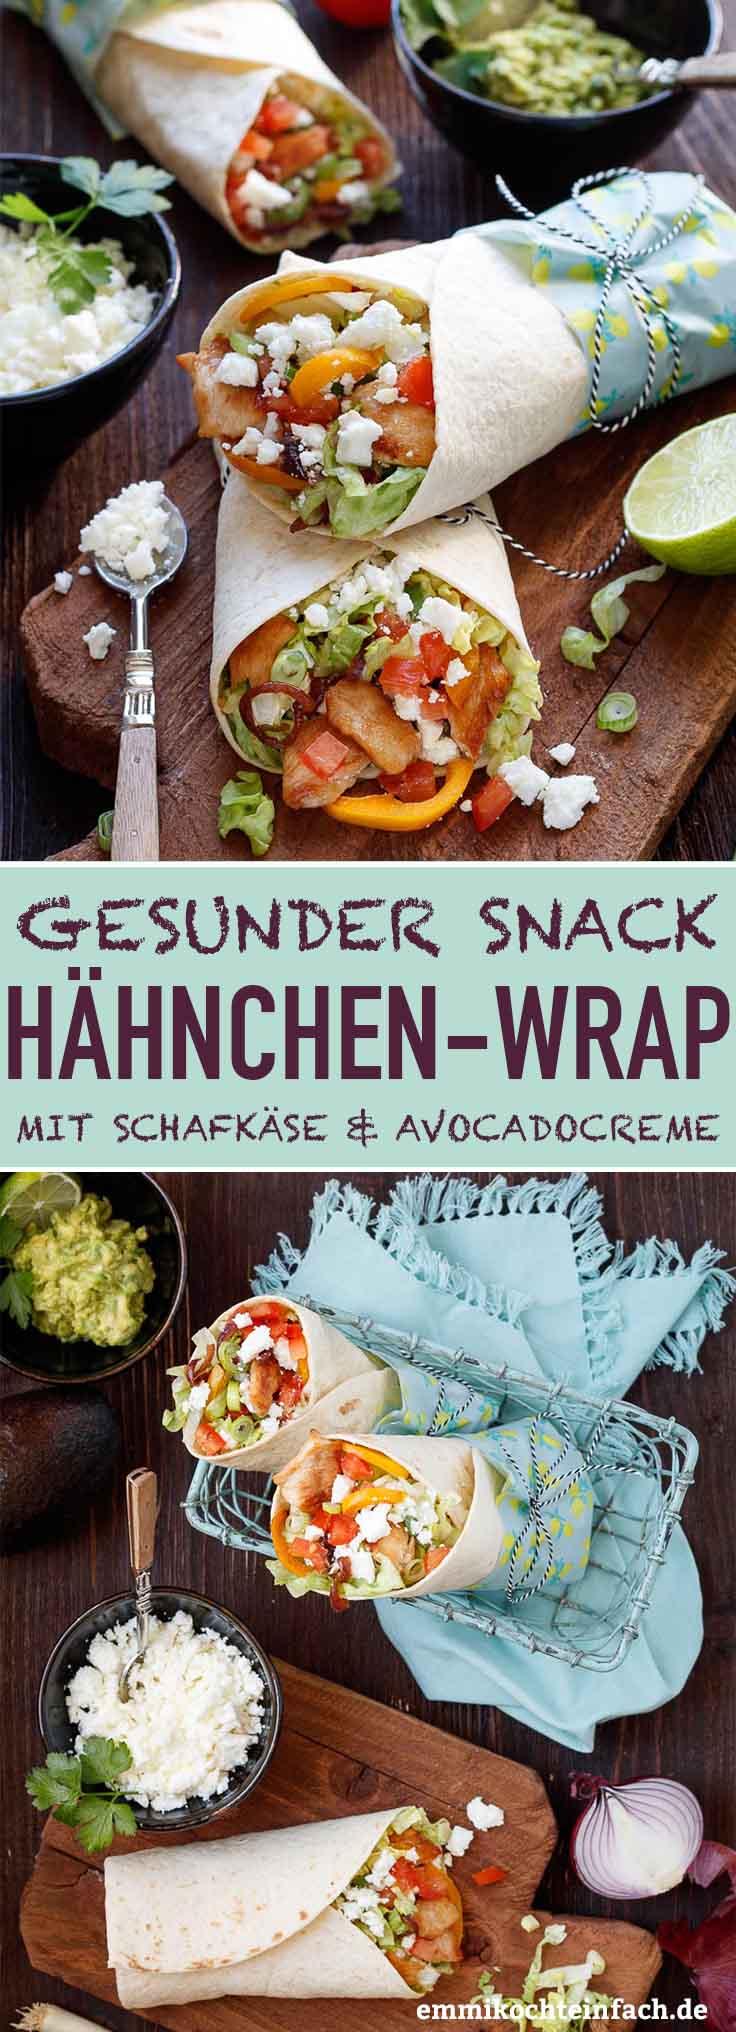 Wrap mit Hähnchen, Schafkäse und Avocadocreme - www.emmikochteinfach.de